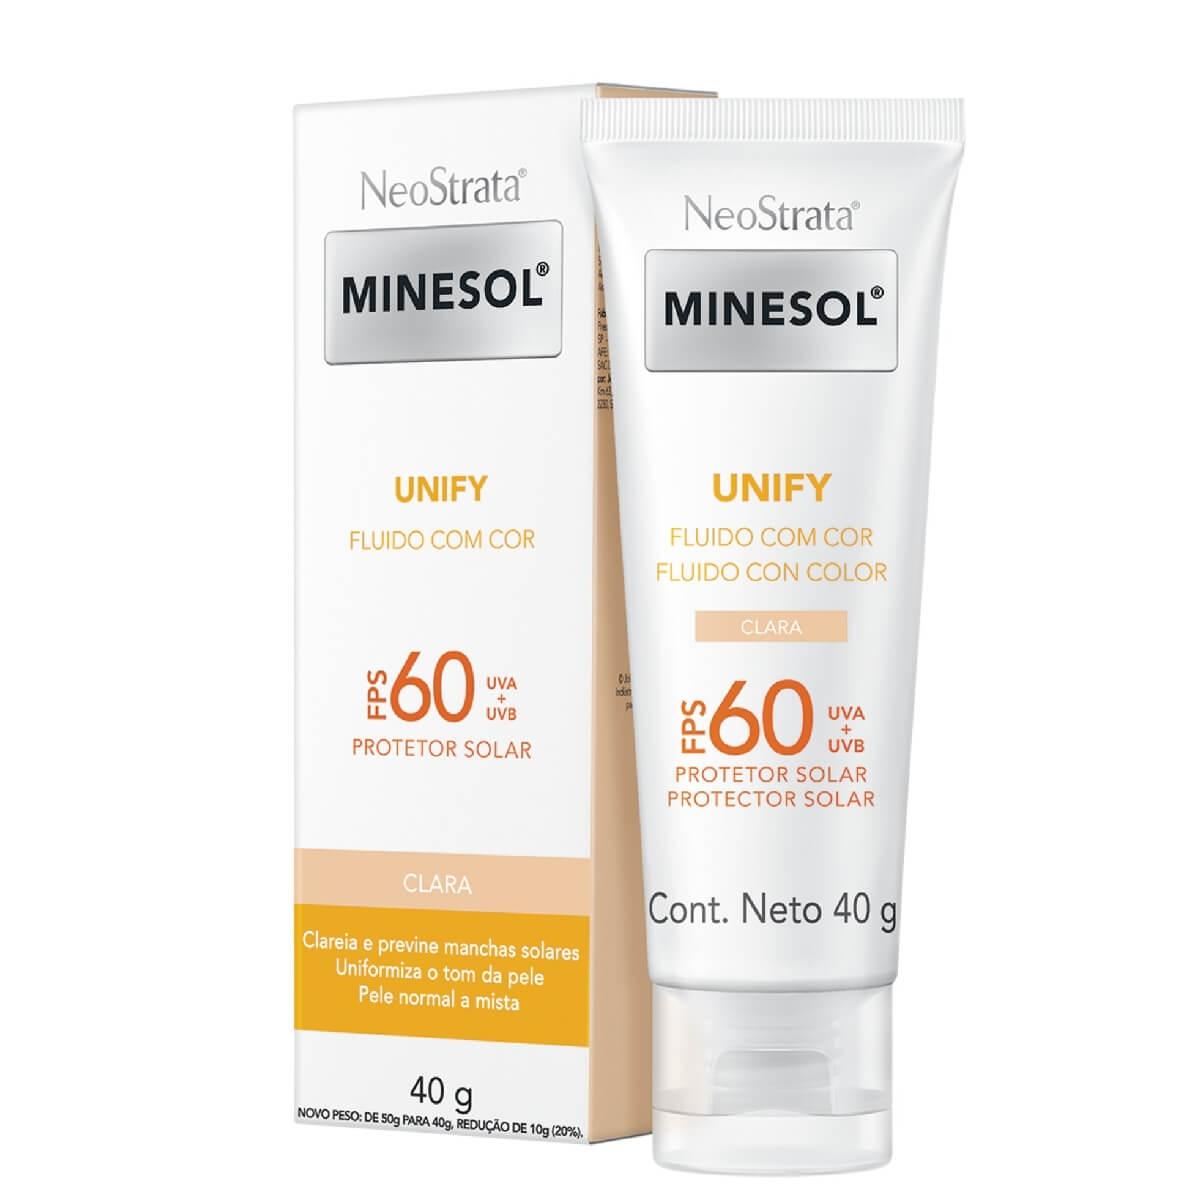 Protetor Solar Facial NeoStrata Minesol Unify Fluido Cor Clara FPS 60 com 40g 40g